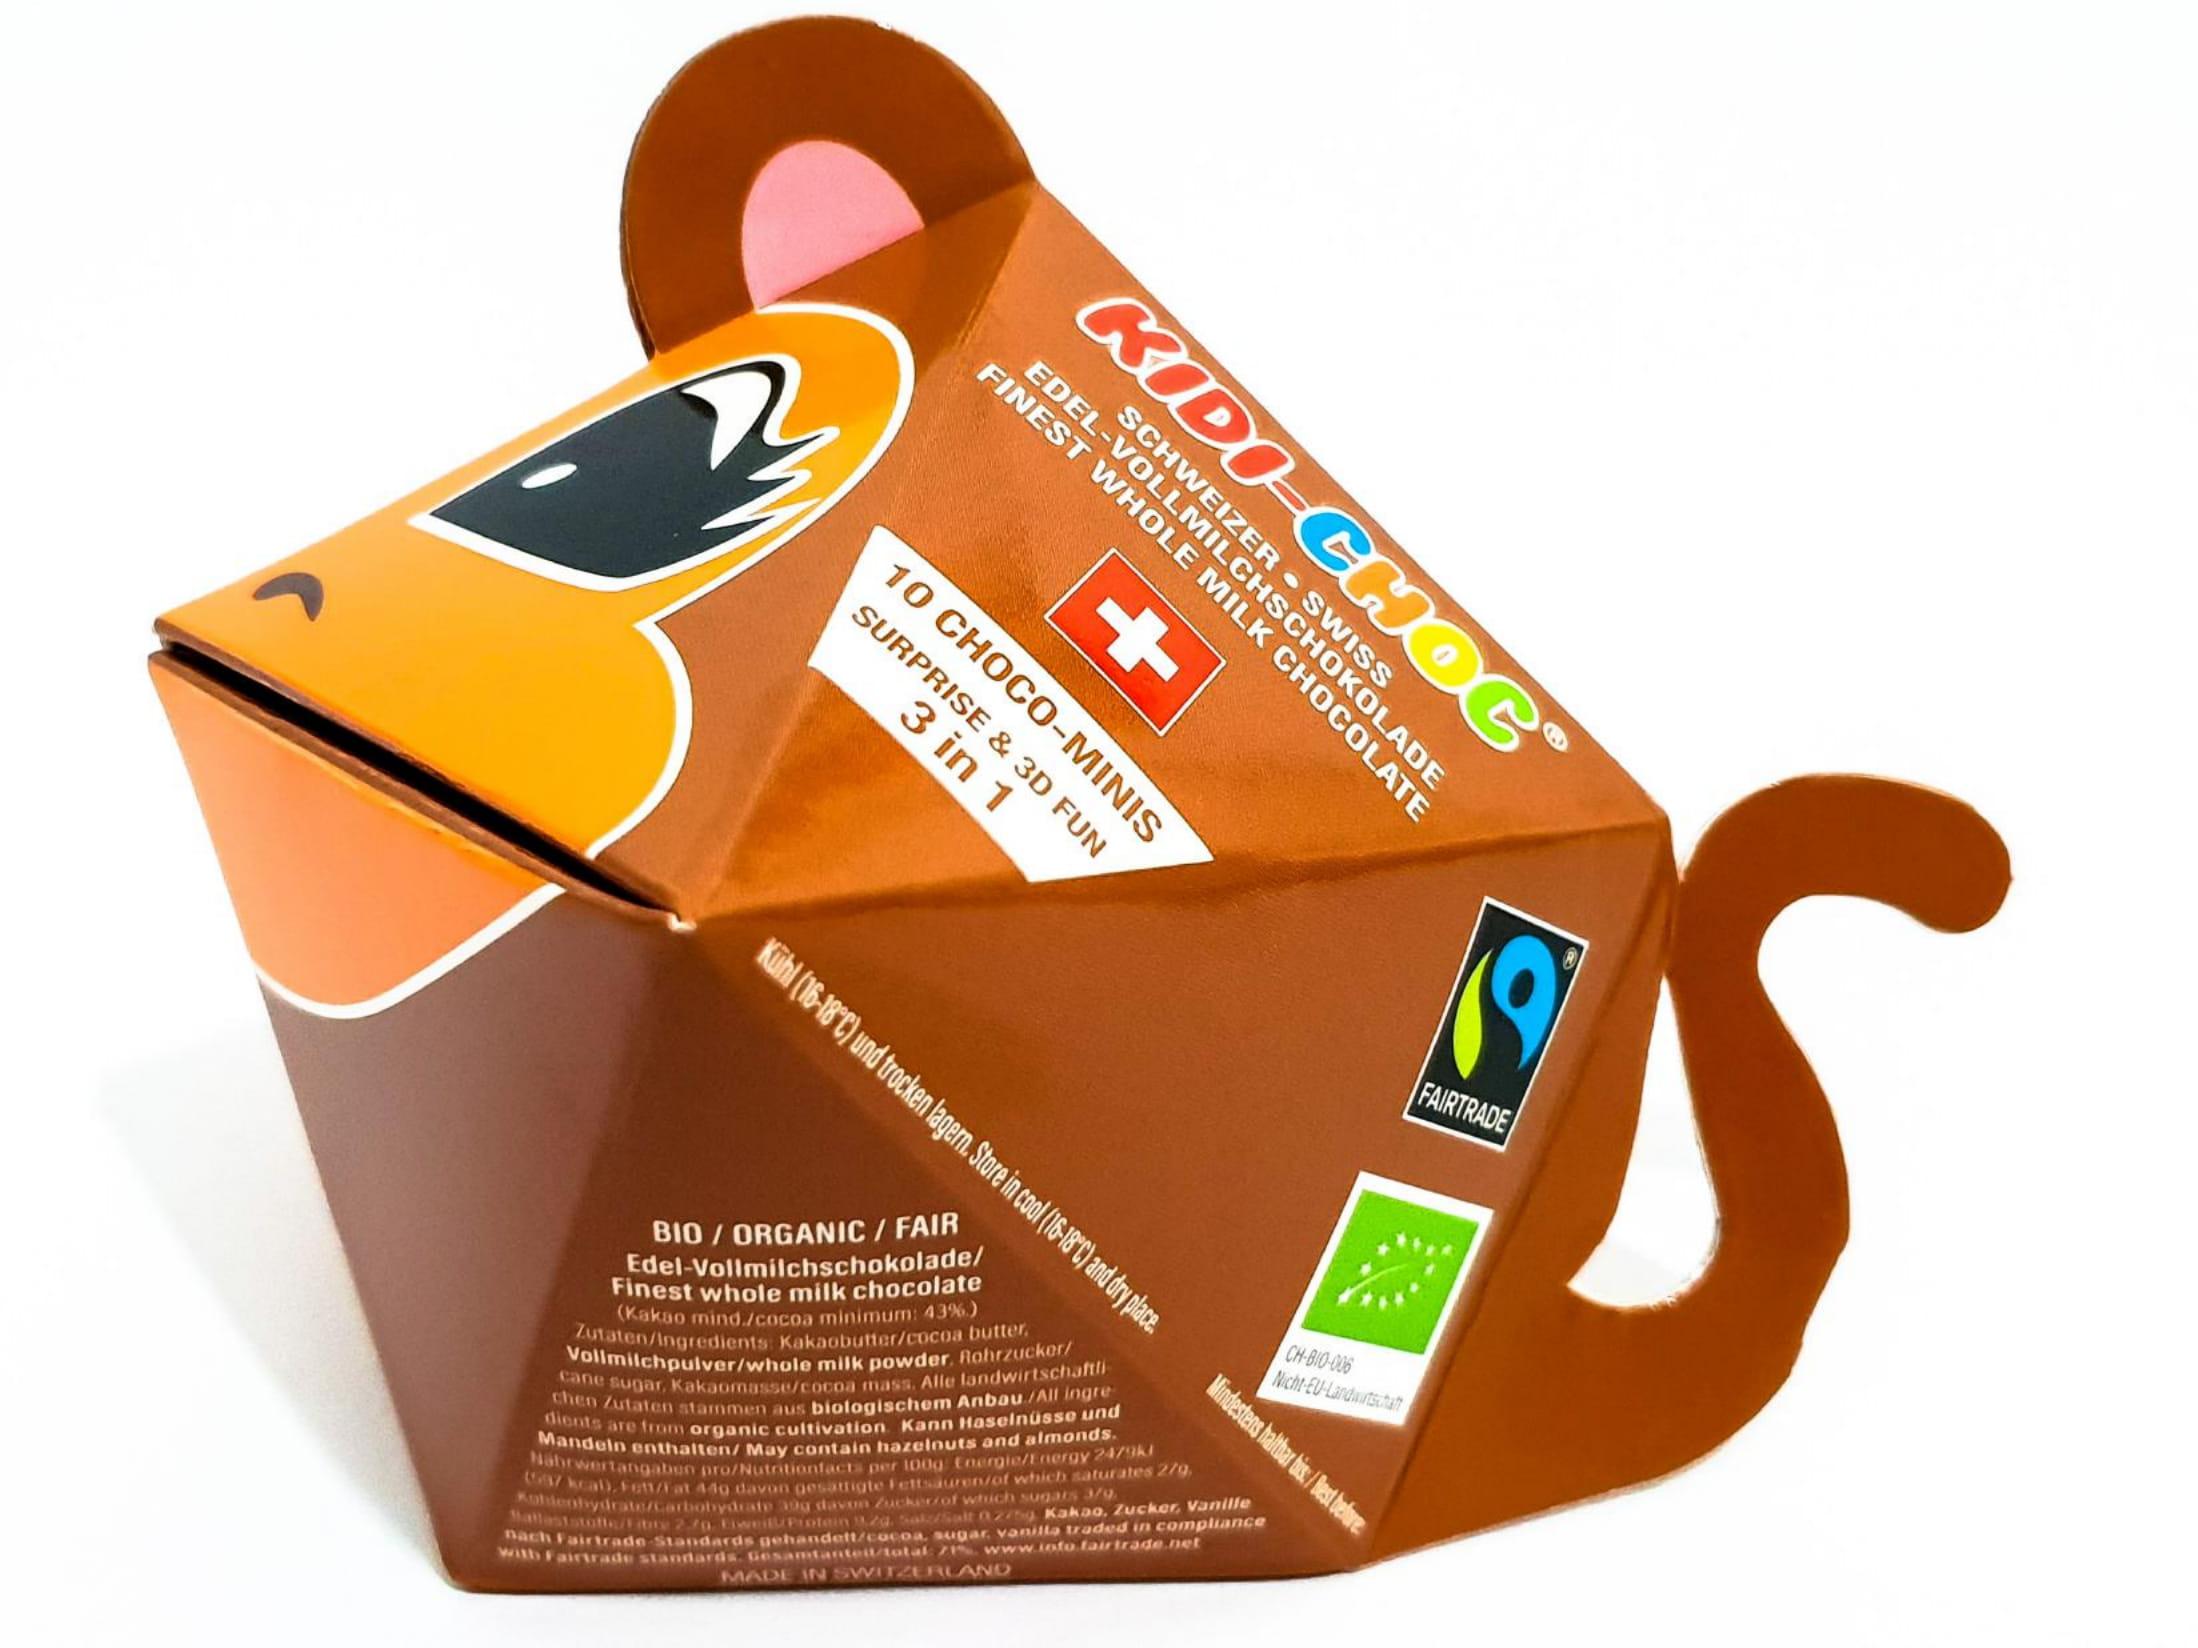 Schokoladennaps, Affe